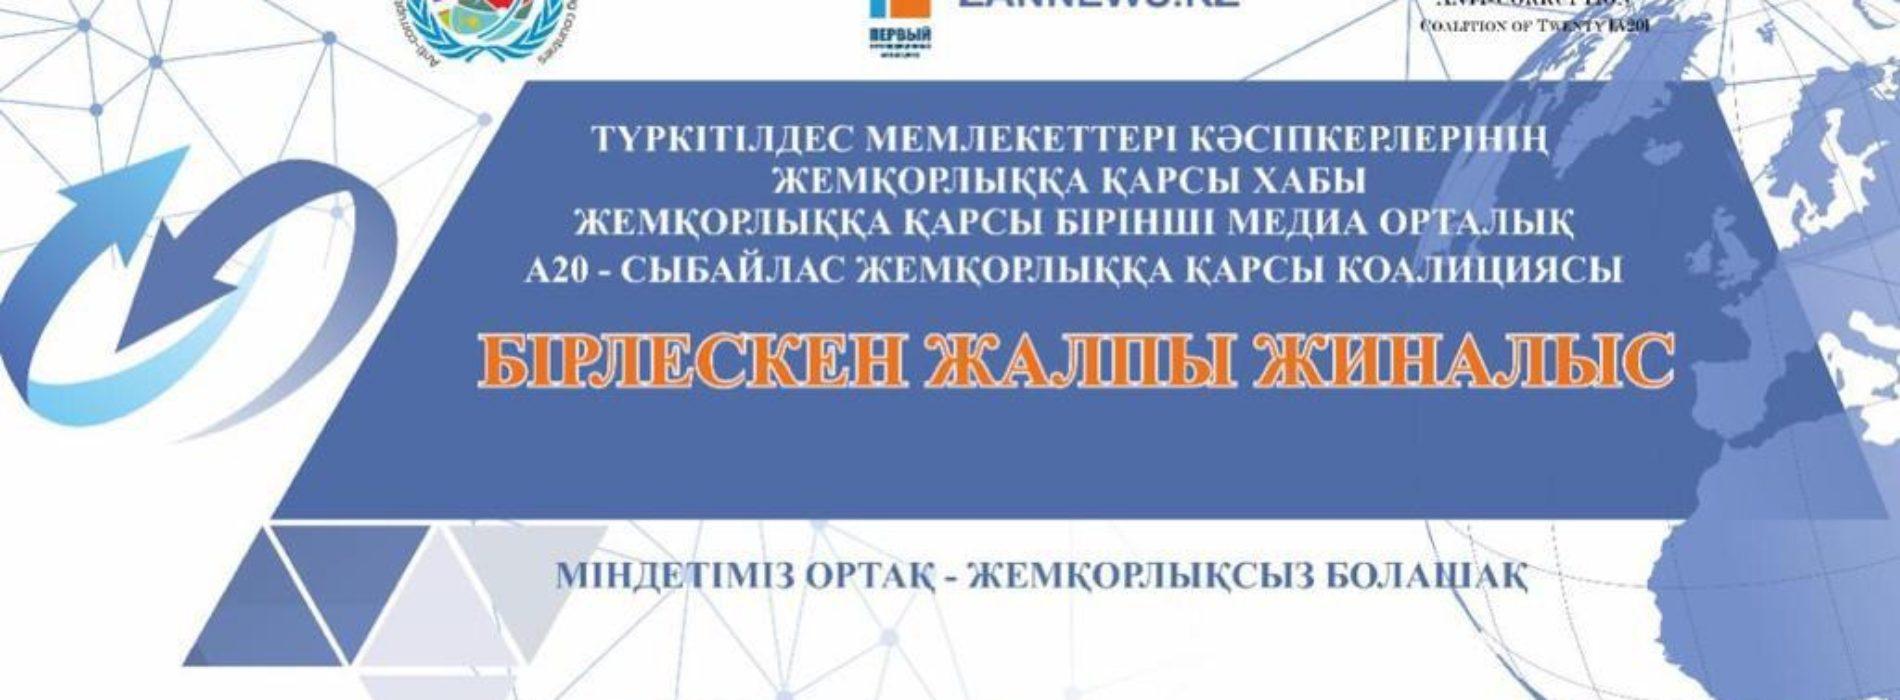 В онлайн-режиме пройдет собрание общественных организаций